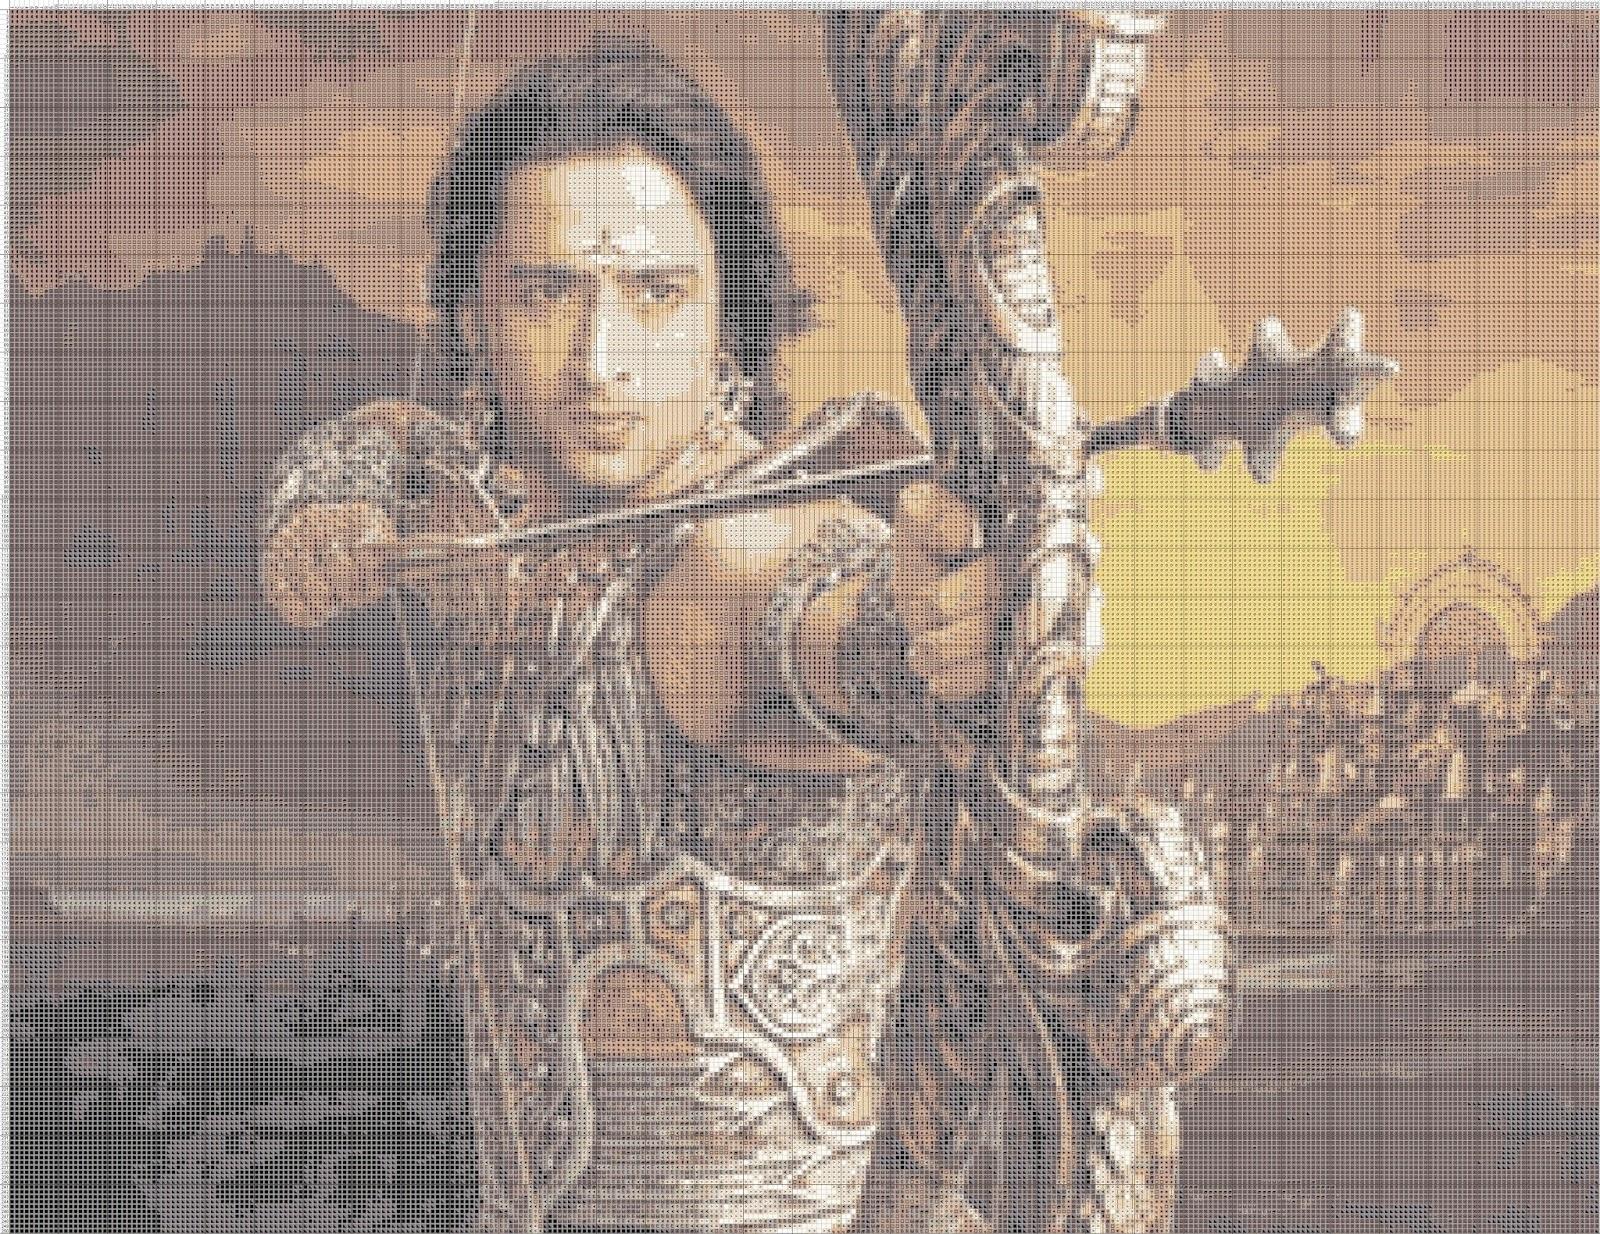 Gambar Pola Kristik Arjuna Pandawa Mahabharata